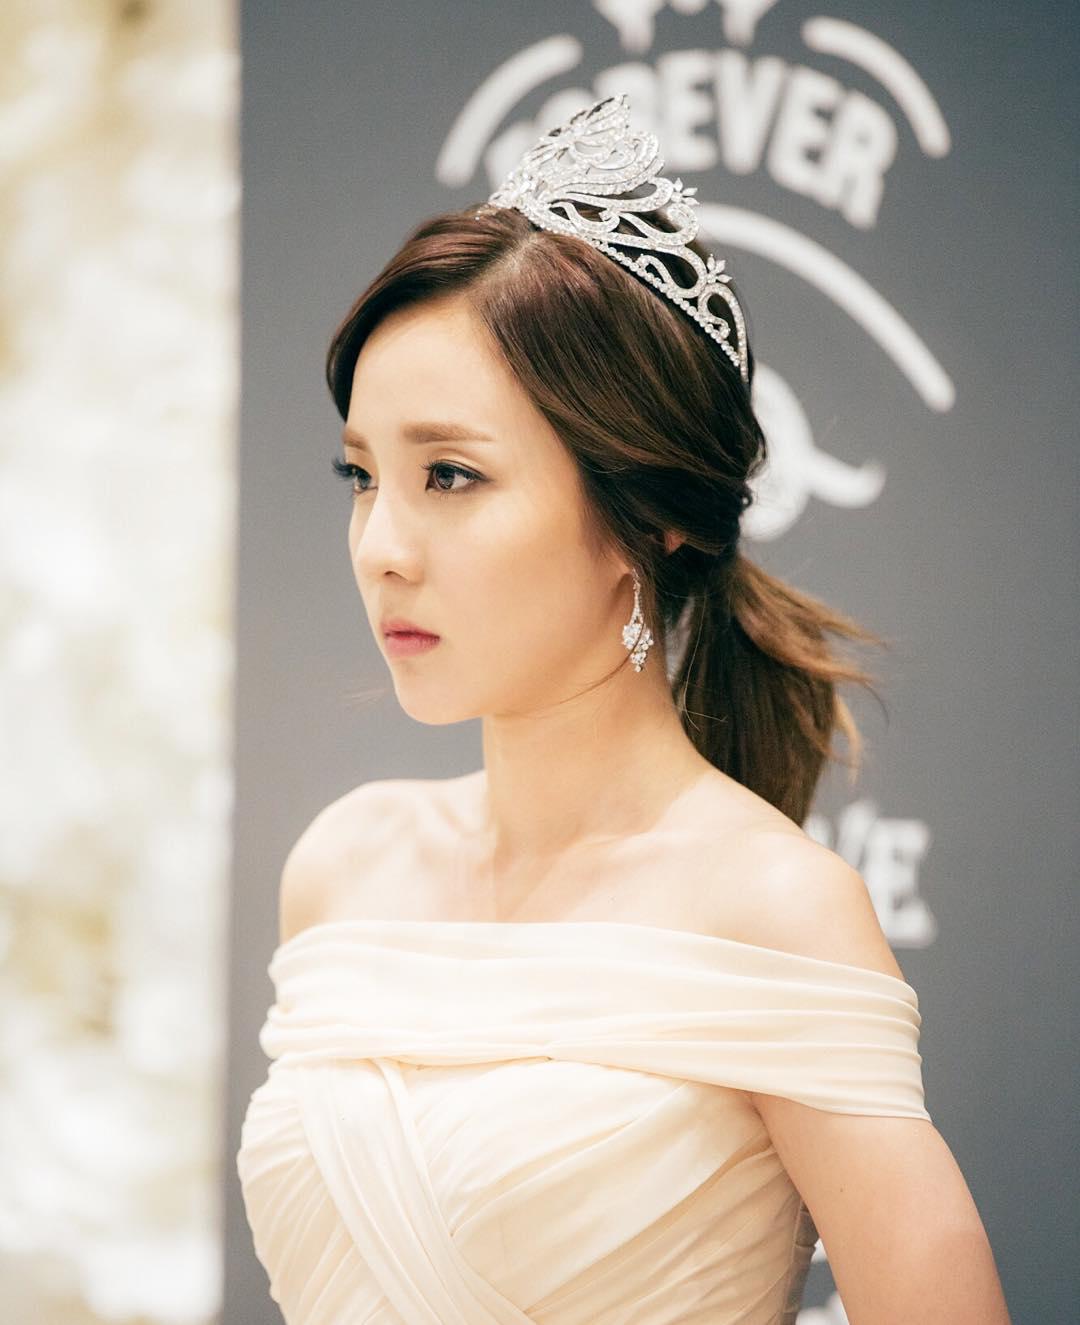 Nghịch lý sao nữ Hàn: Khuyết điểm đầy mình vẫn được tung hô, mặt đẹp dáng chuẩn lại bị ghẻ lạnh! - Ảnh 11.